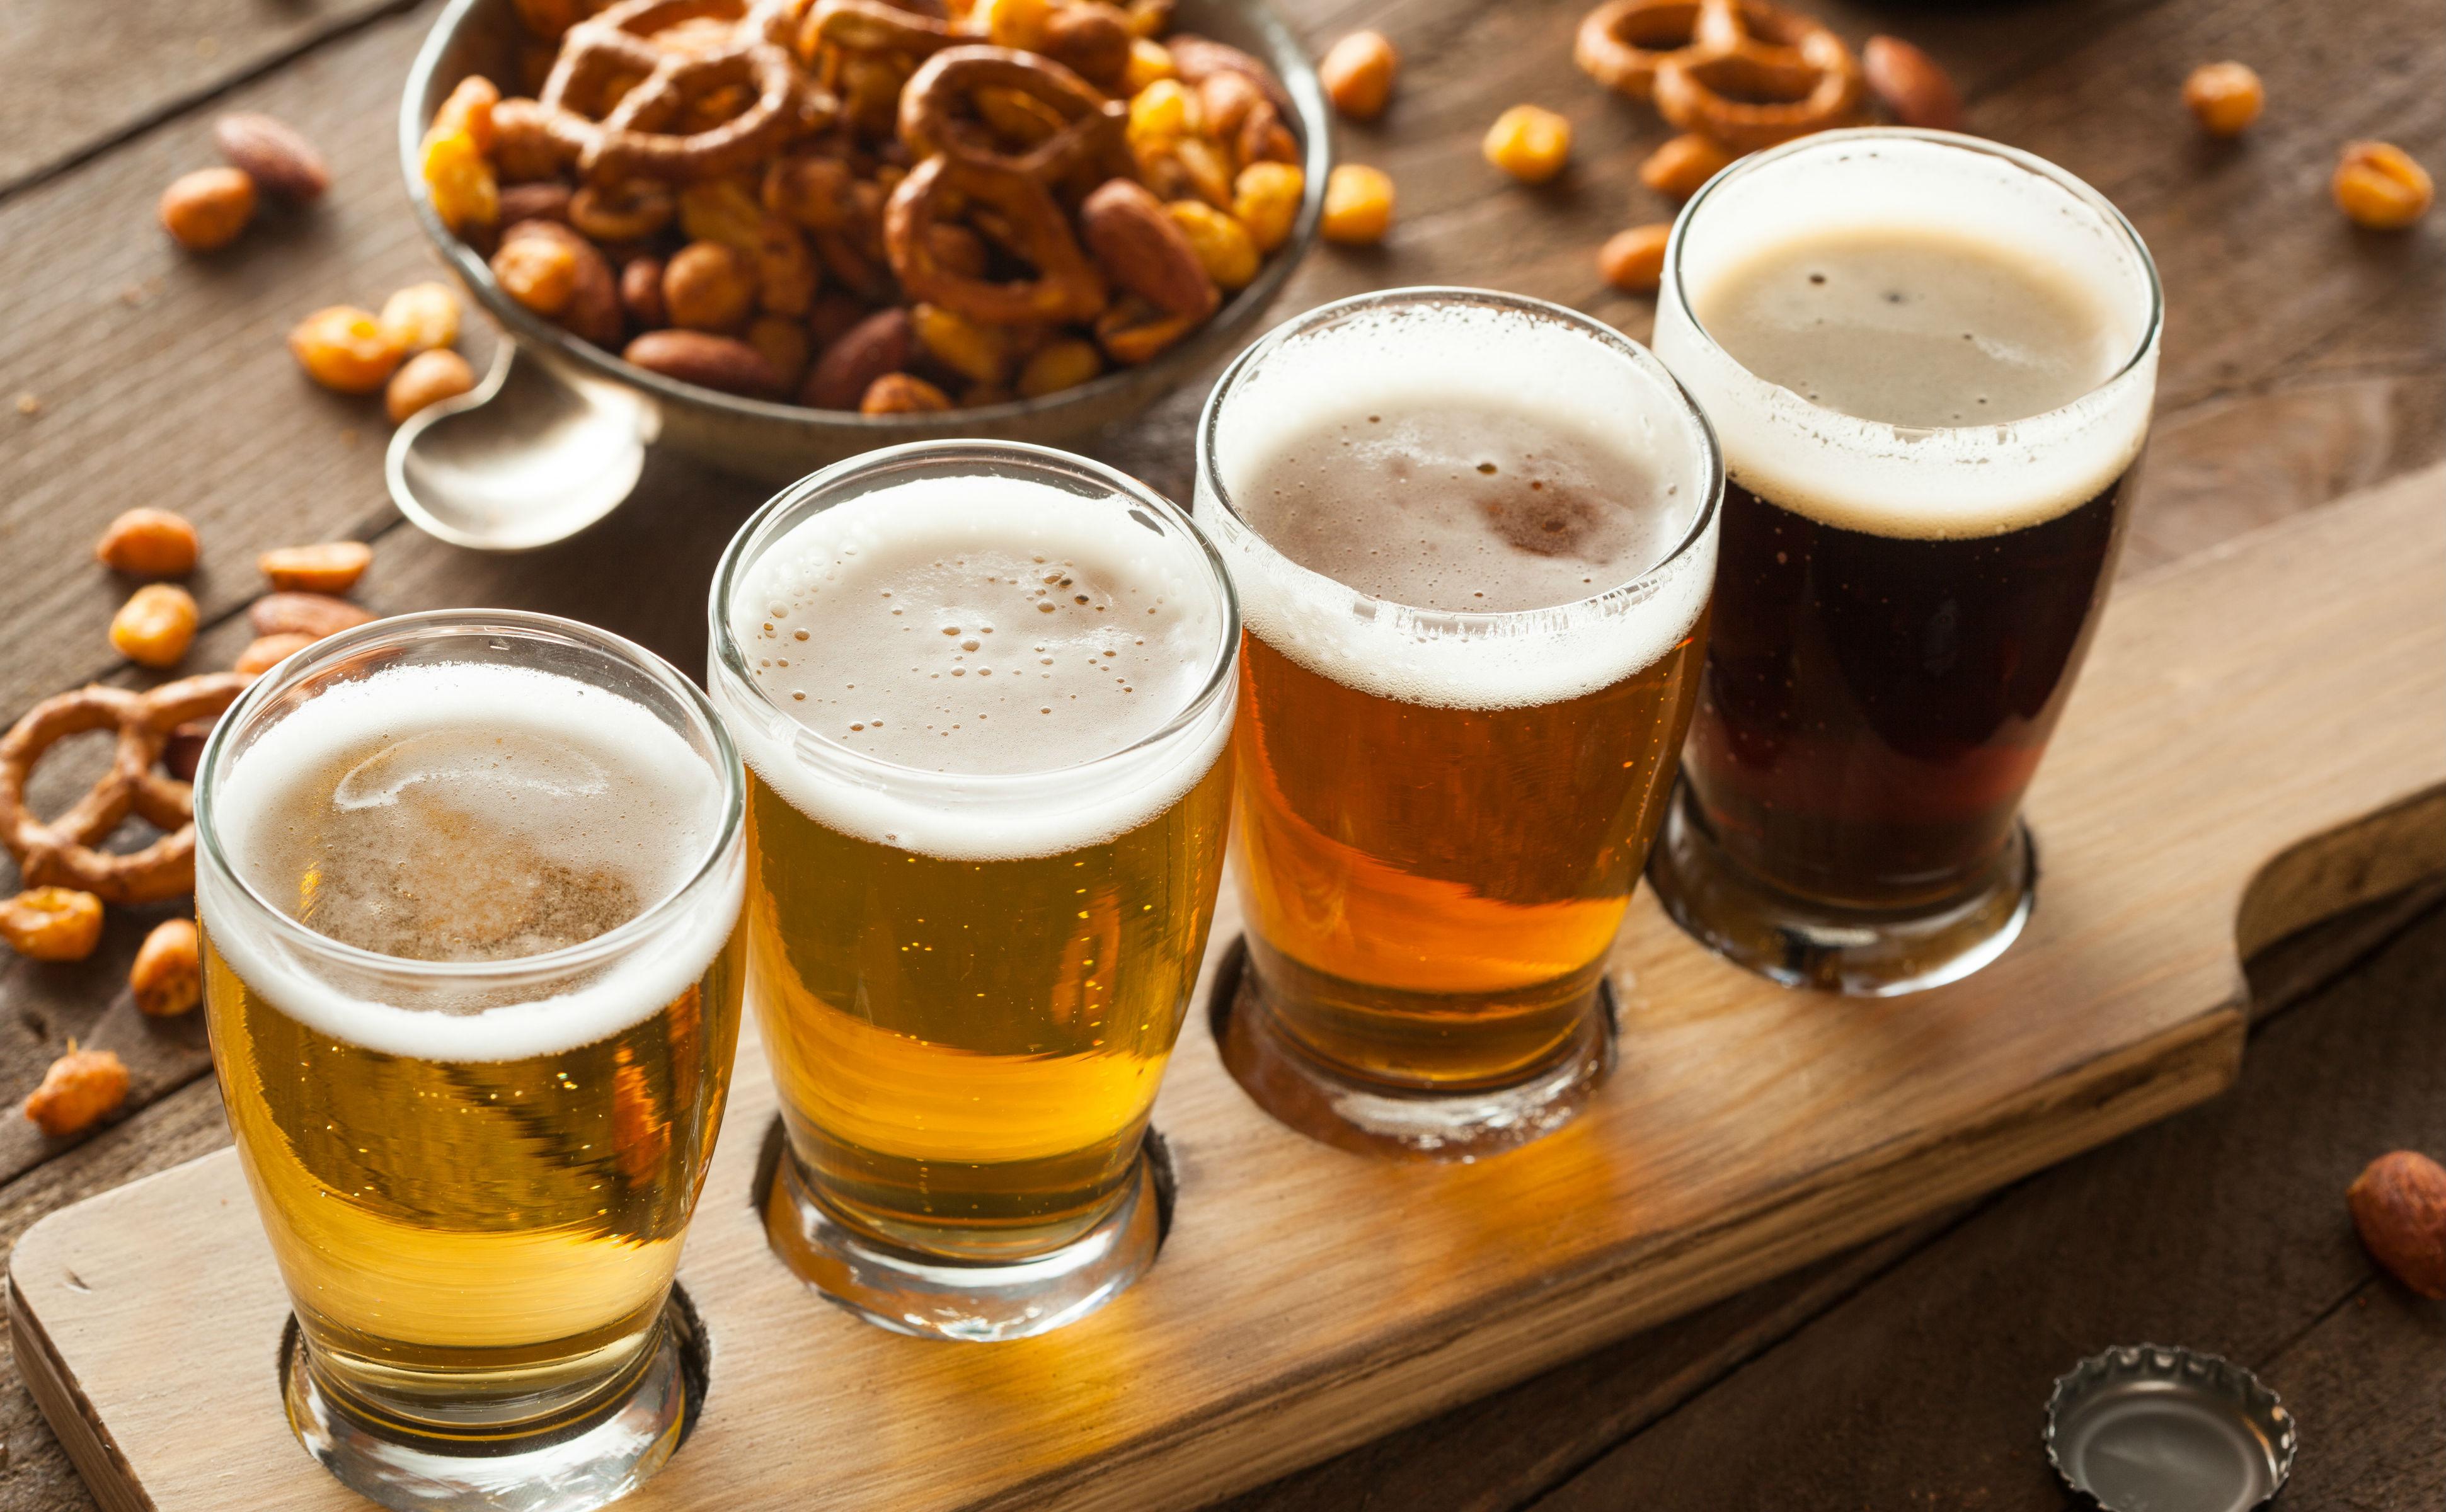 La bière artisanale se développe de plus en plus